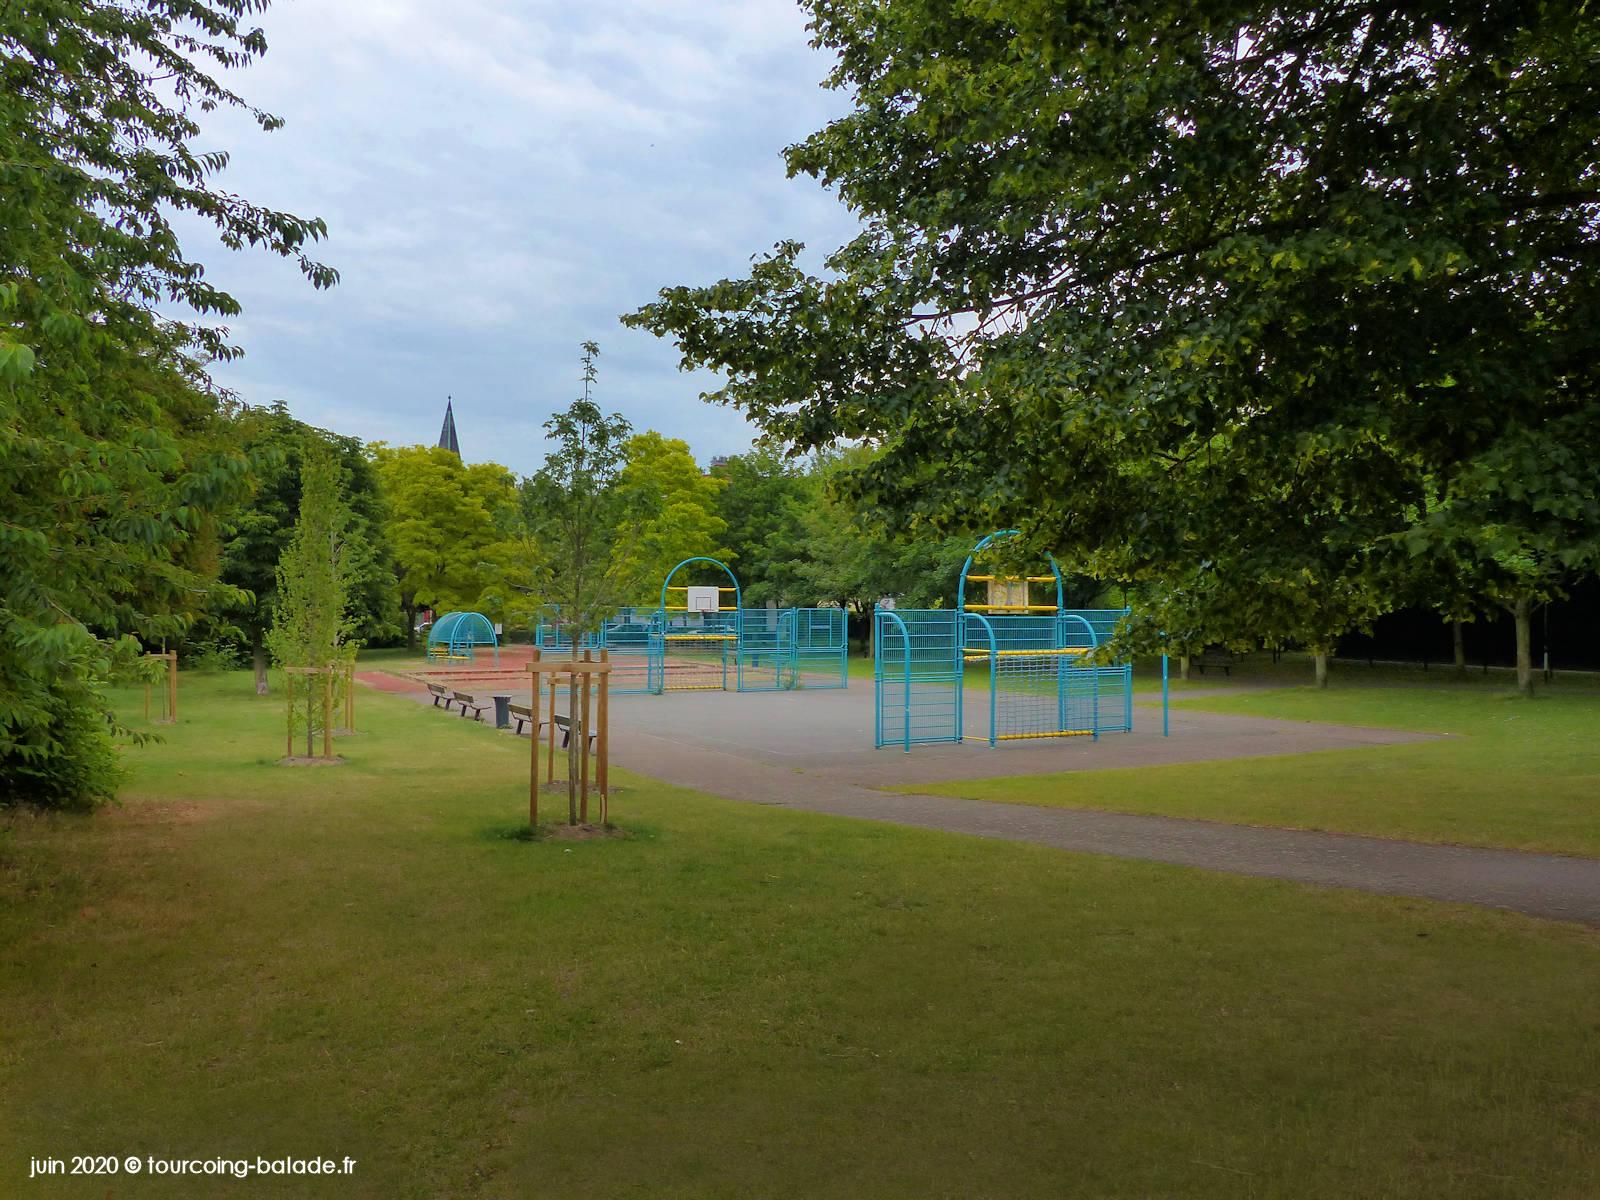 Parc Citadin des Abeilles, Tourcoing 2020